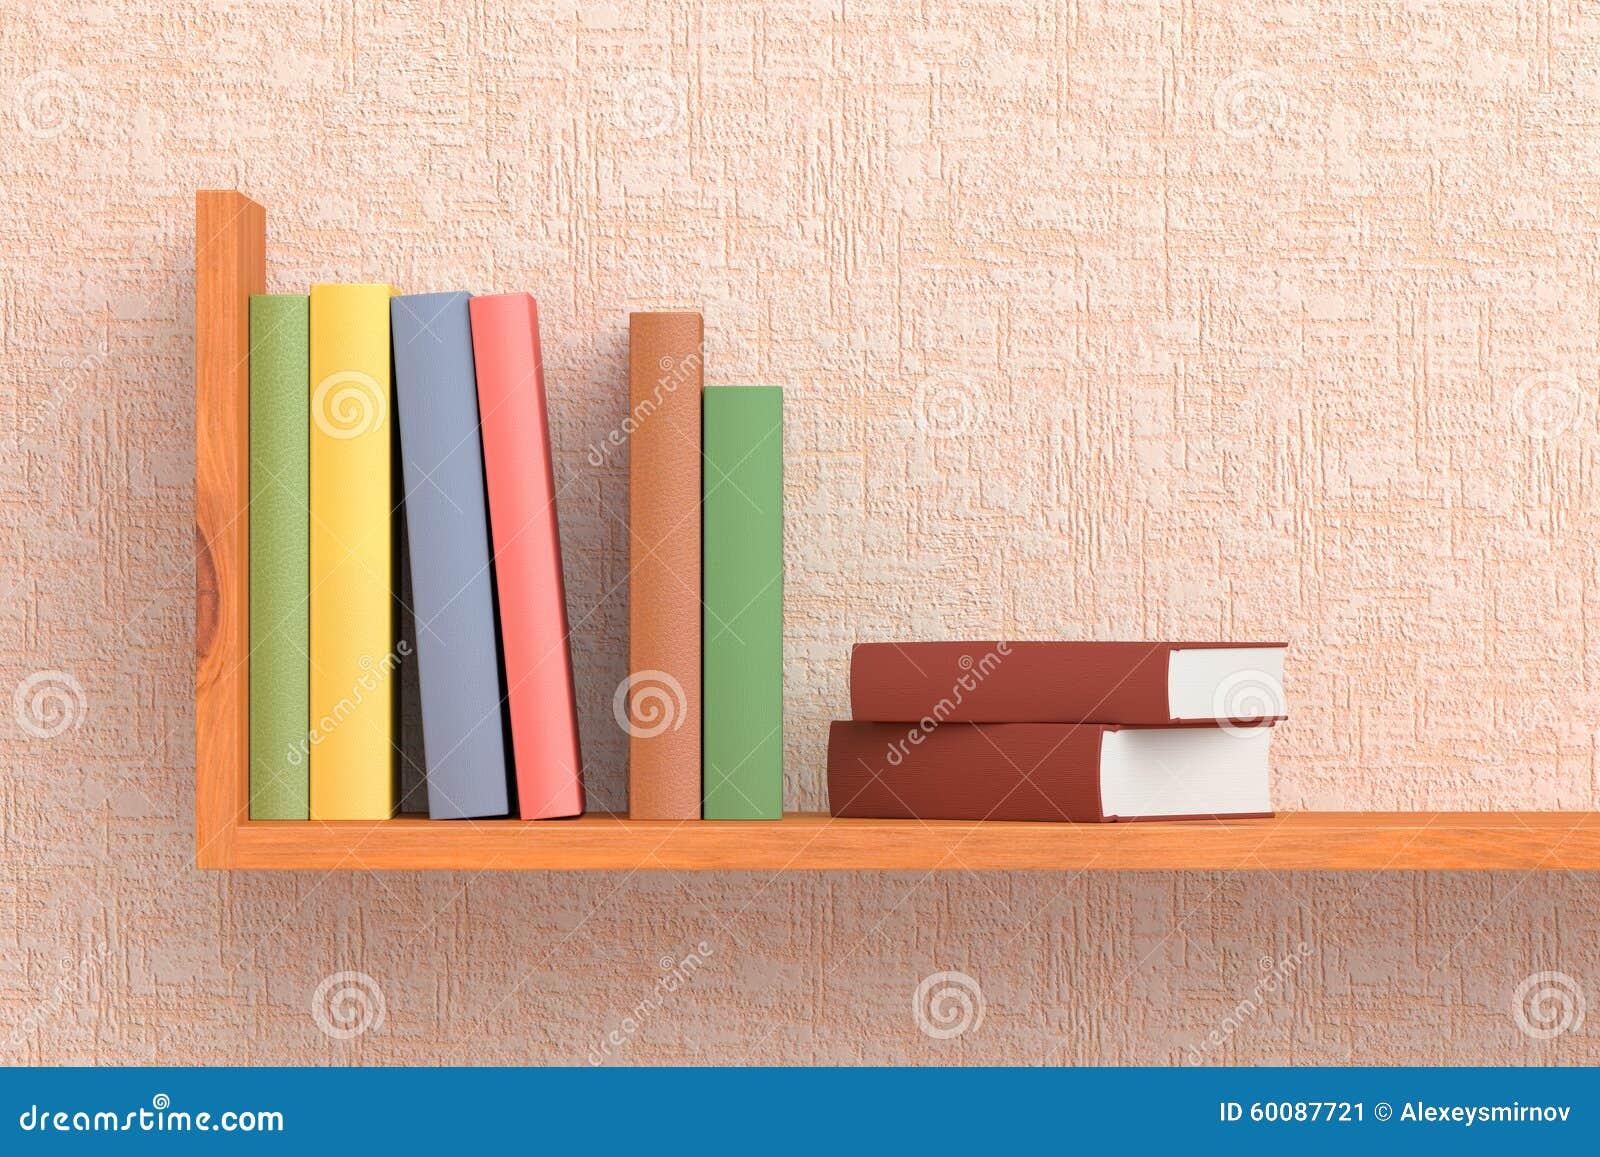 Gekleurde Boeken Op Houten Boekenrek Op De Muur Stock Illustratie